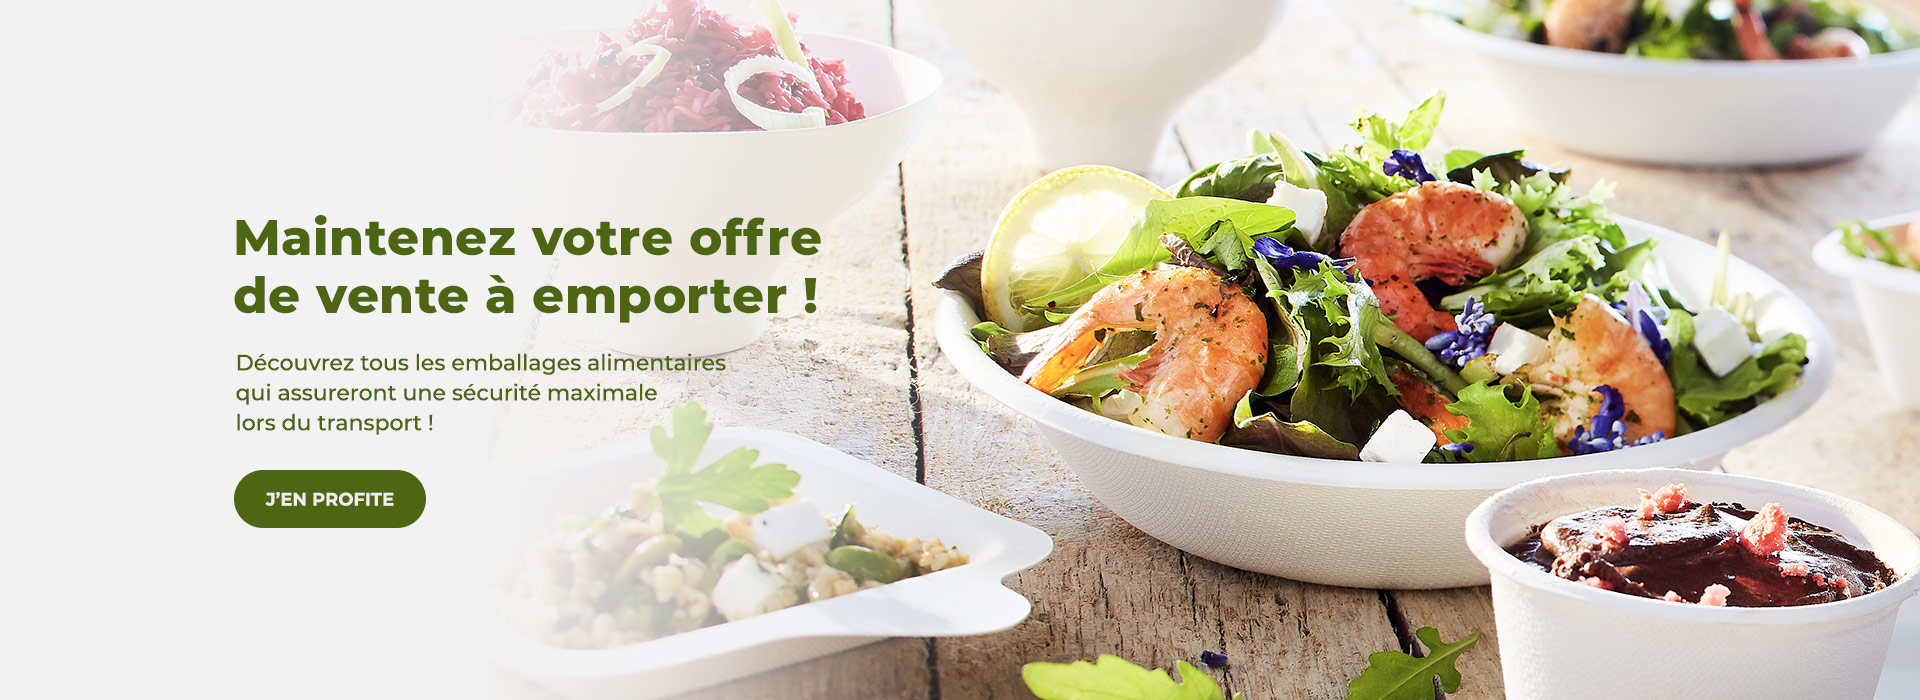 Restaurants : maintenez la vente à emporter après la réouverture